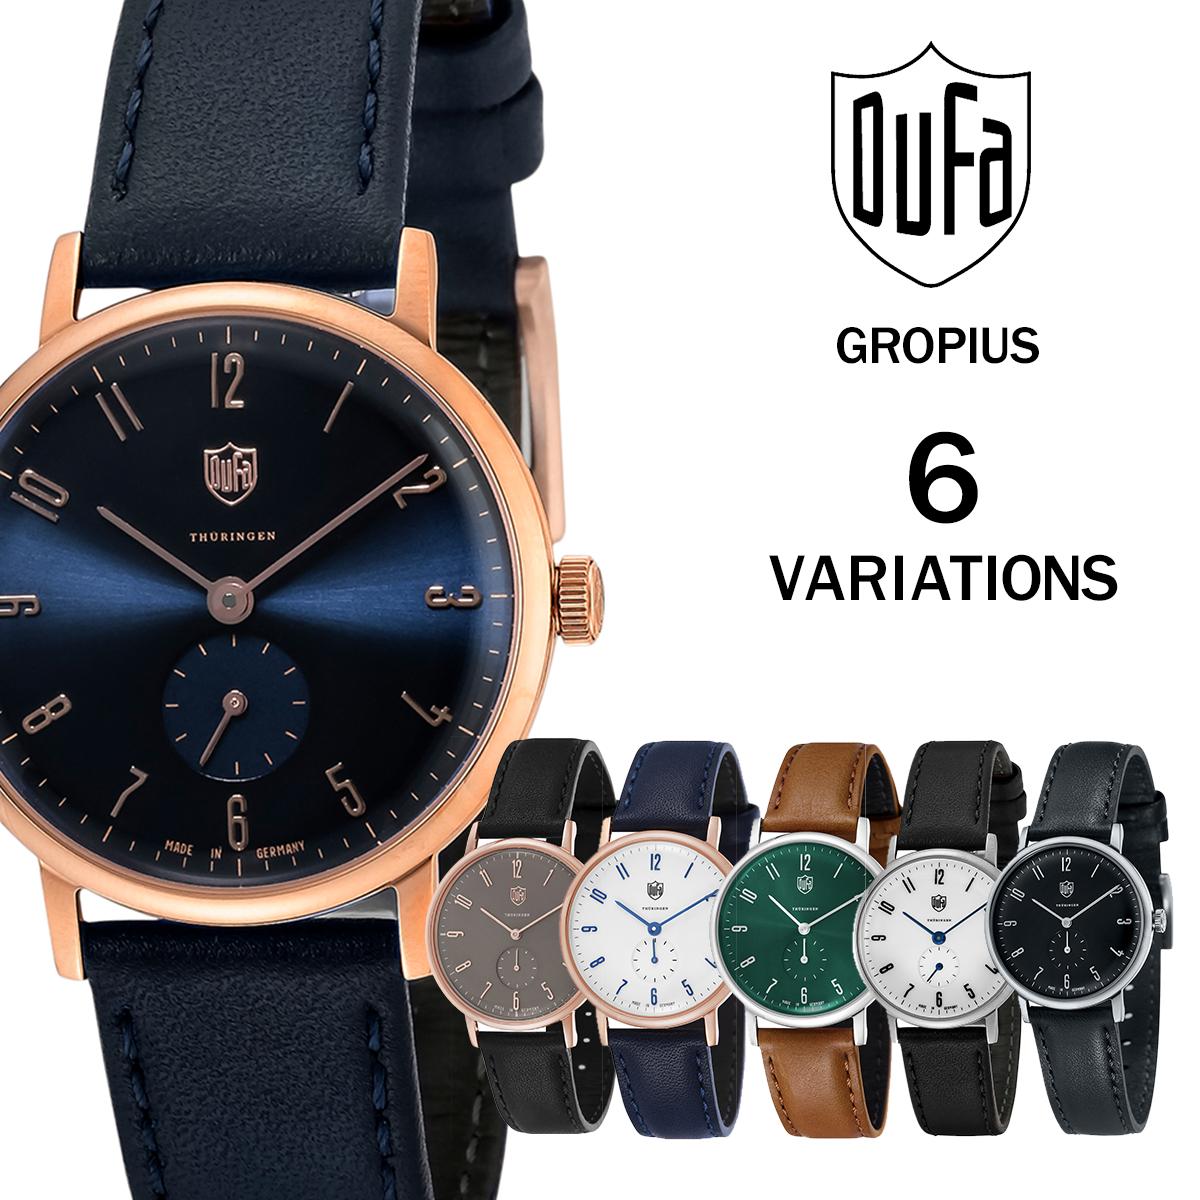 【全品送料無料】 DUFA ドゥッファ GROPIUS グロピウスDF-7001-01 DF-7001-03 DF-7001-05 DF-7001-0F DF-7001-0L DF-7001-0M 時計 腕時計 レディース 女性 ホワイト ブラック おしゃれ[あす楽]